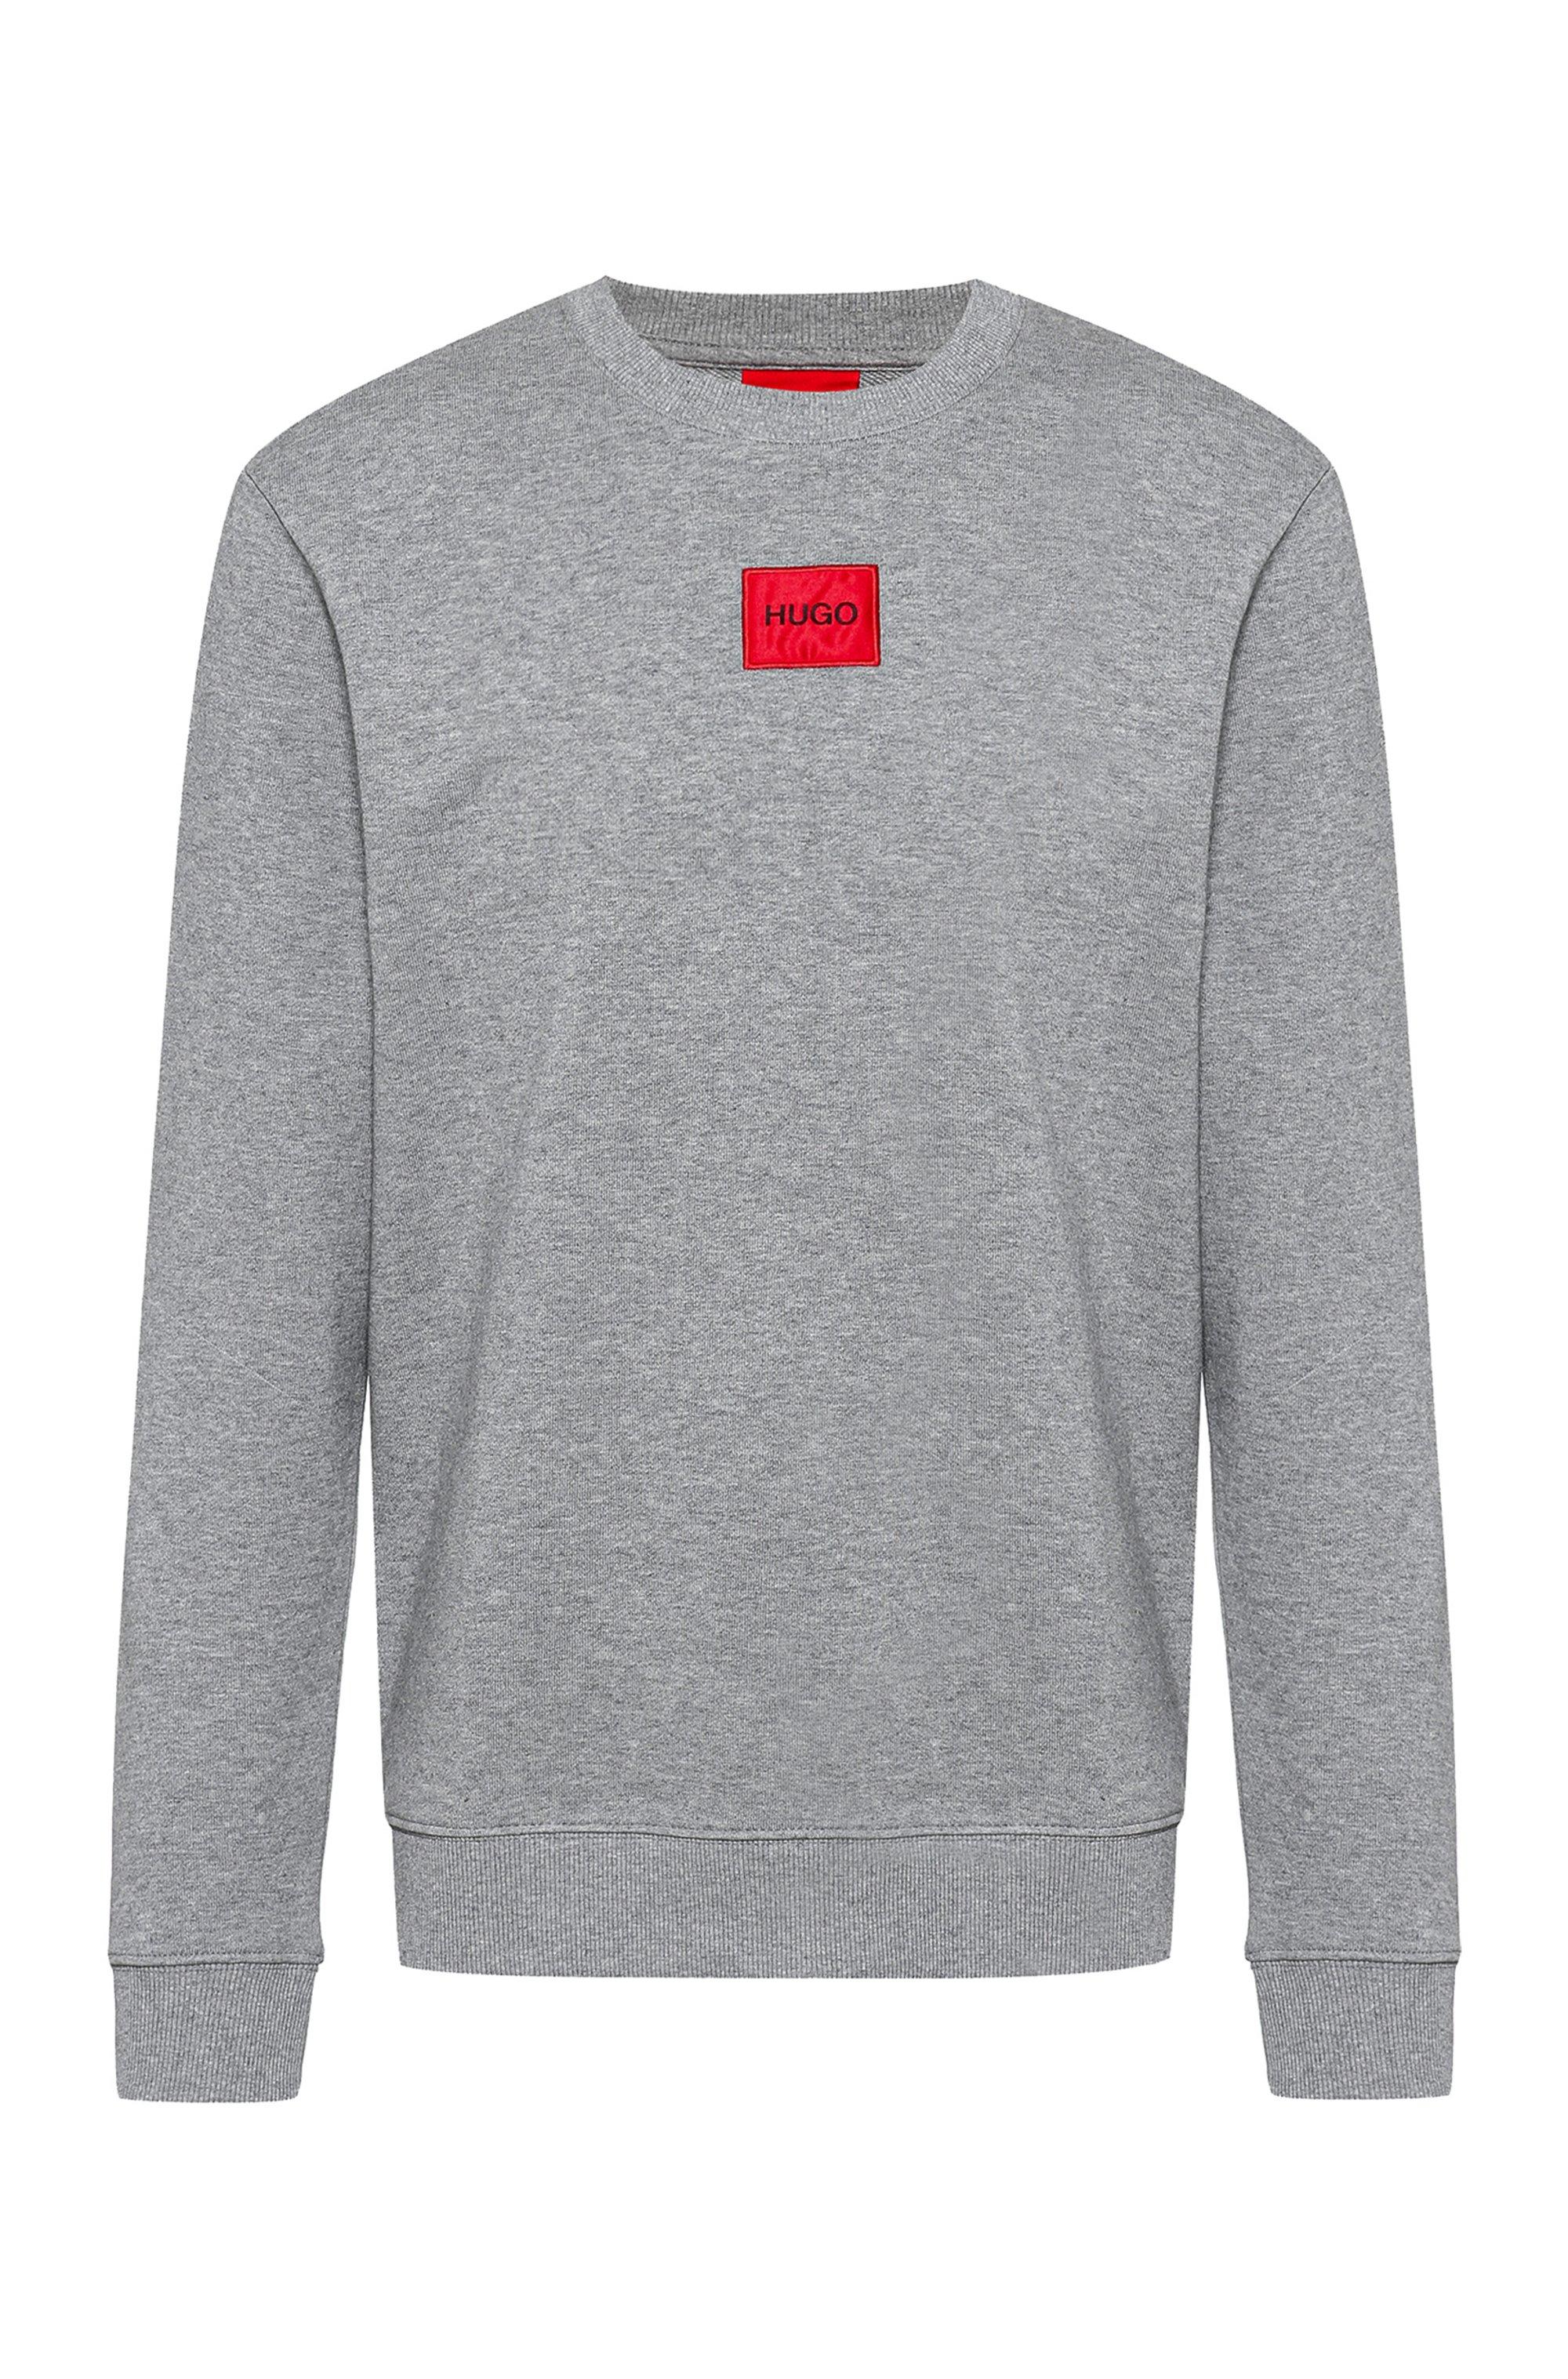 Sweat en molleton de coton avec étiquette logo rouge, Gris